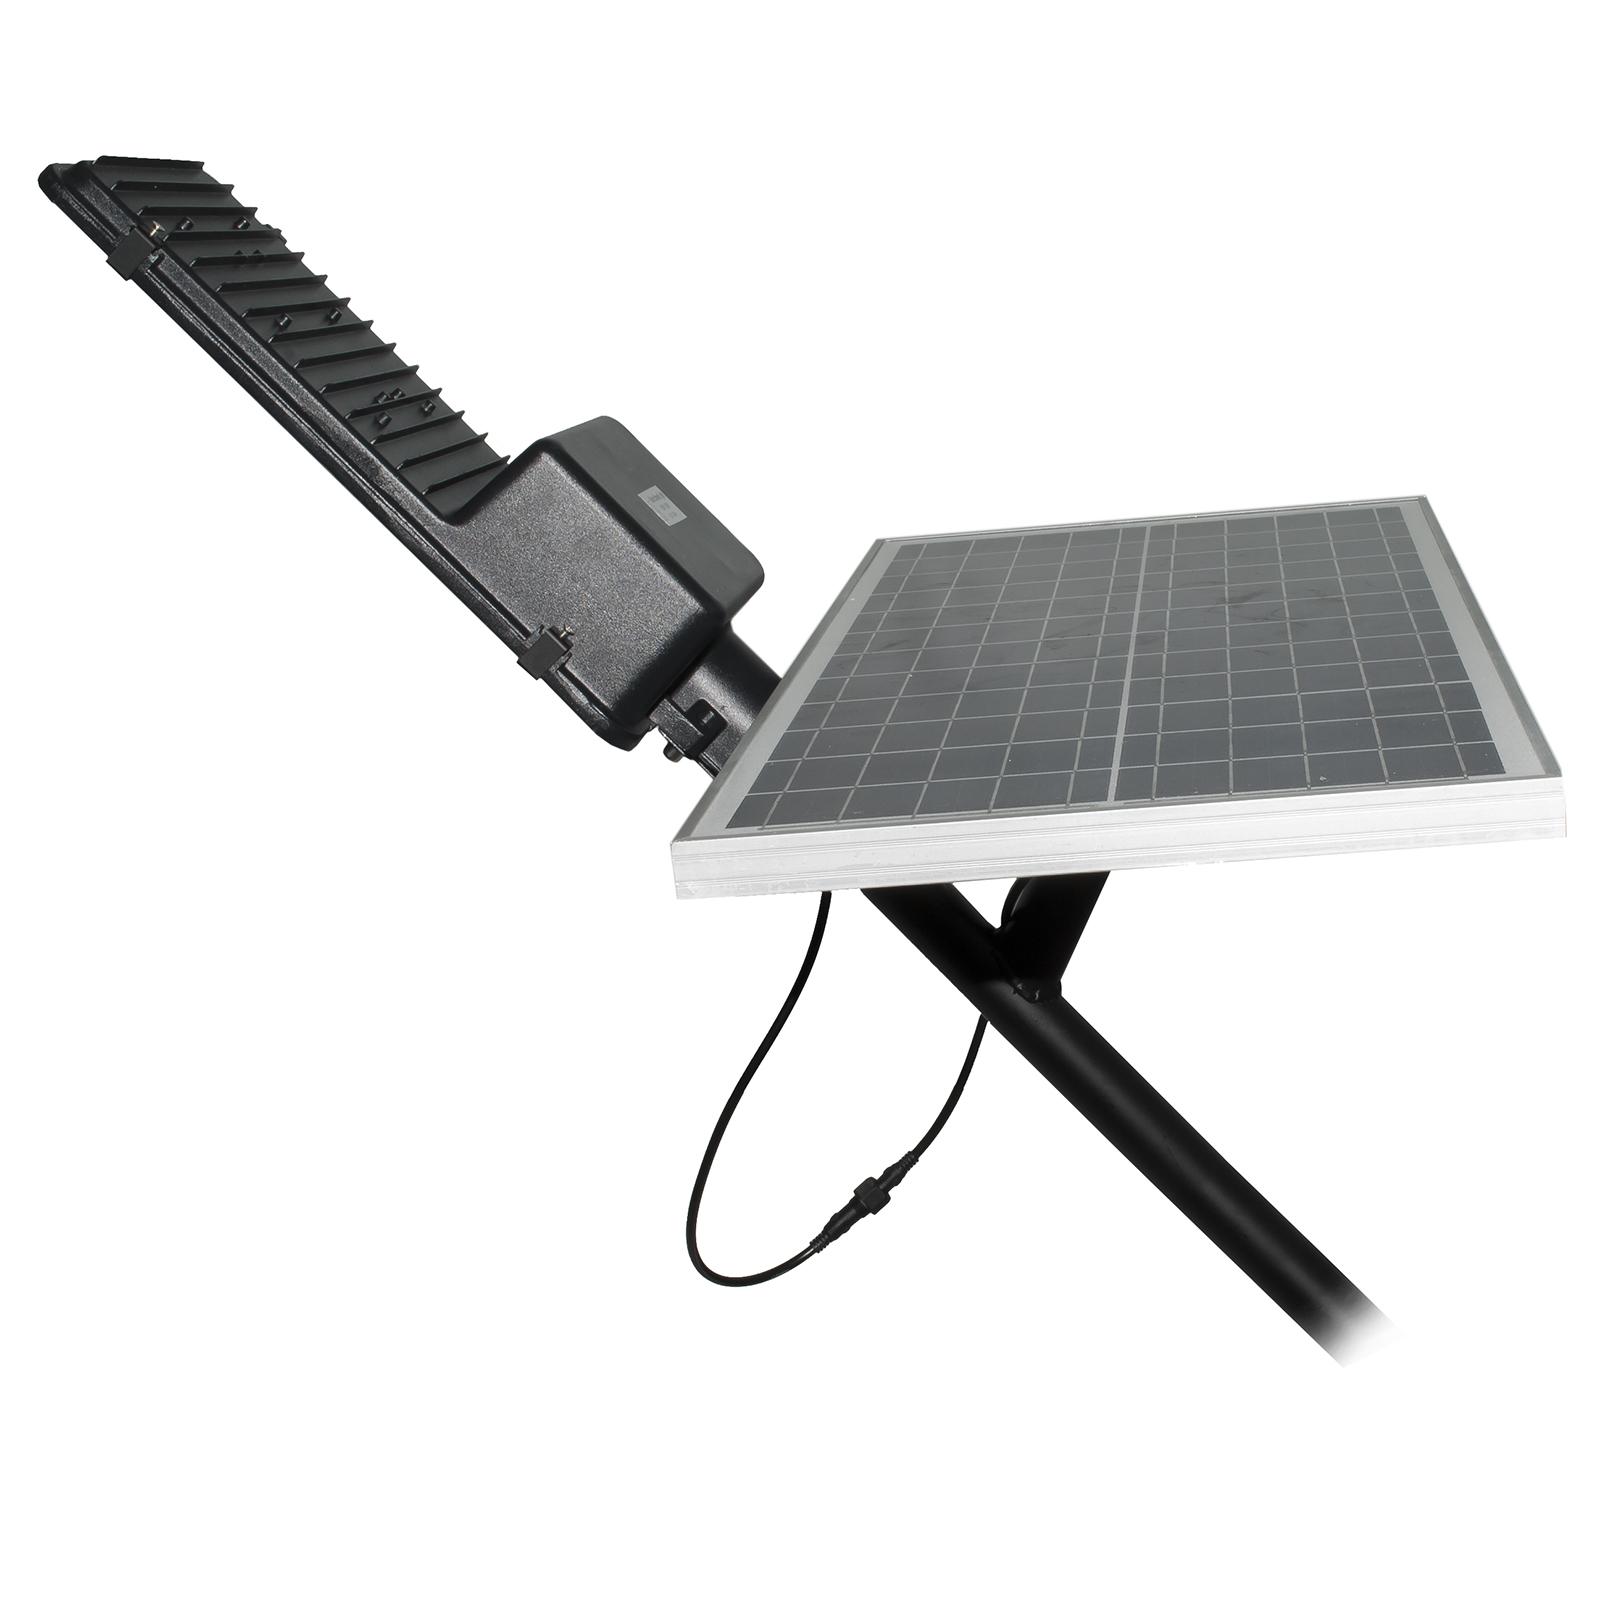 Luce Per Esterno Con Pannello Solare.Faro Stradale Lampione Led Crepuscolare 150w Pannello Solare Ip65 Dimmerabile